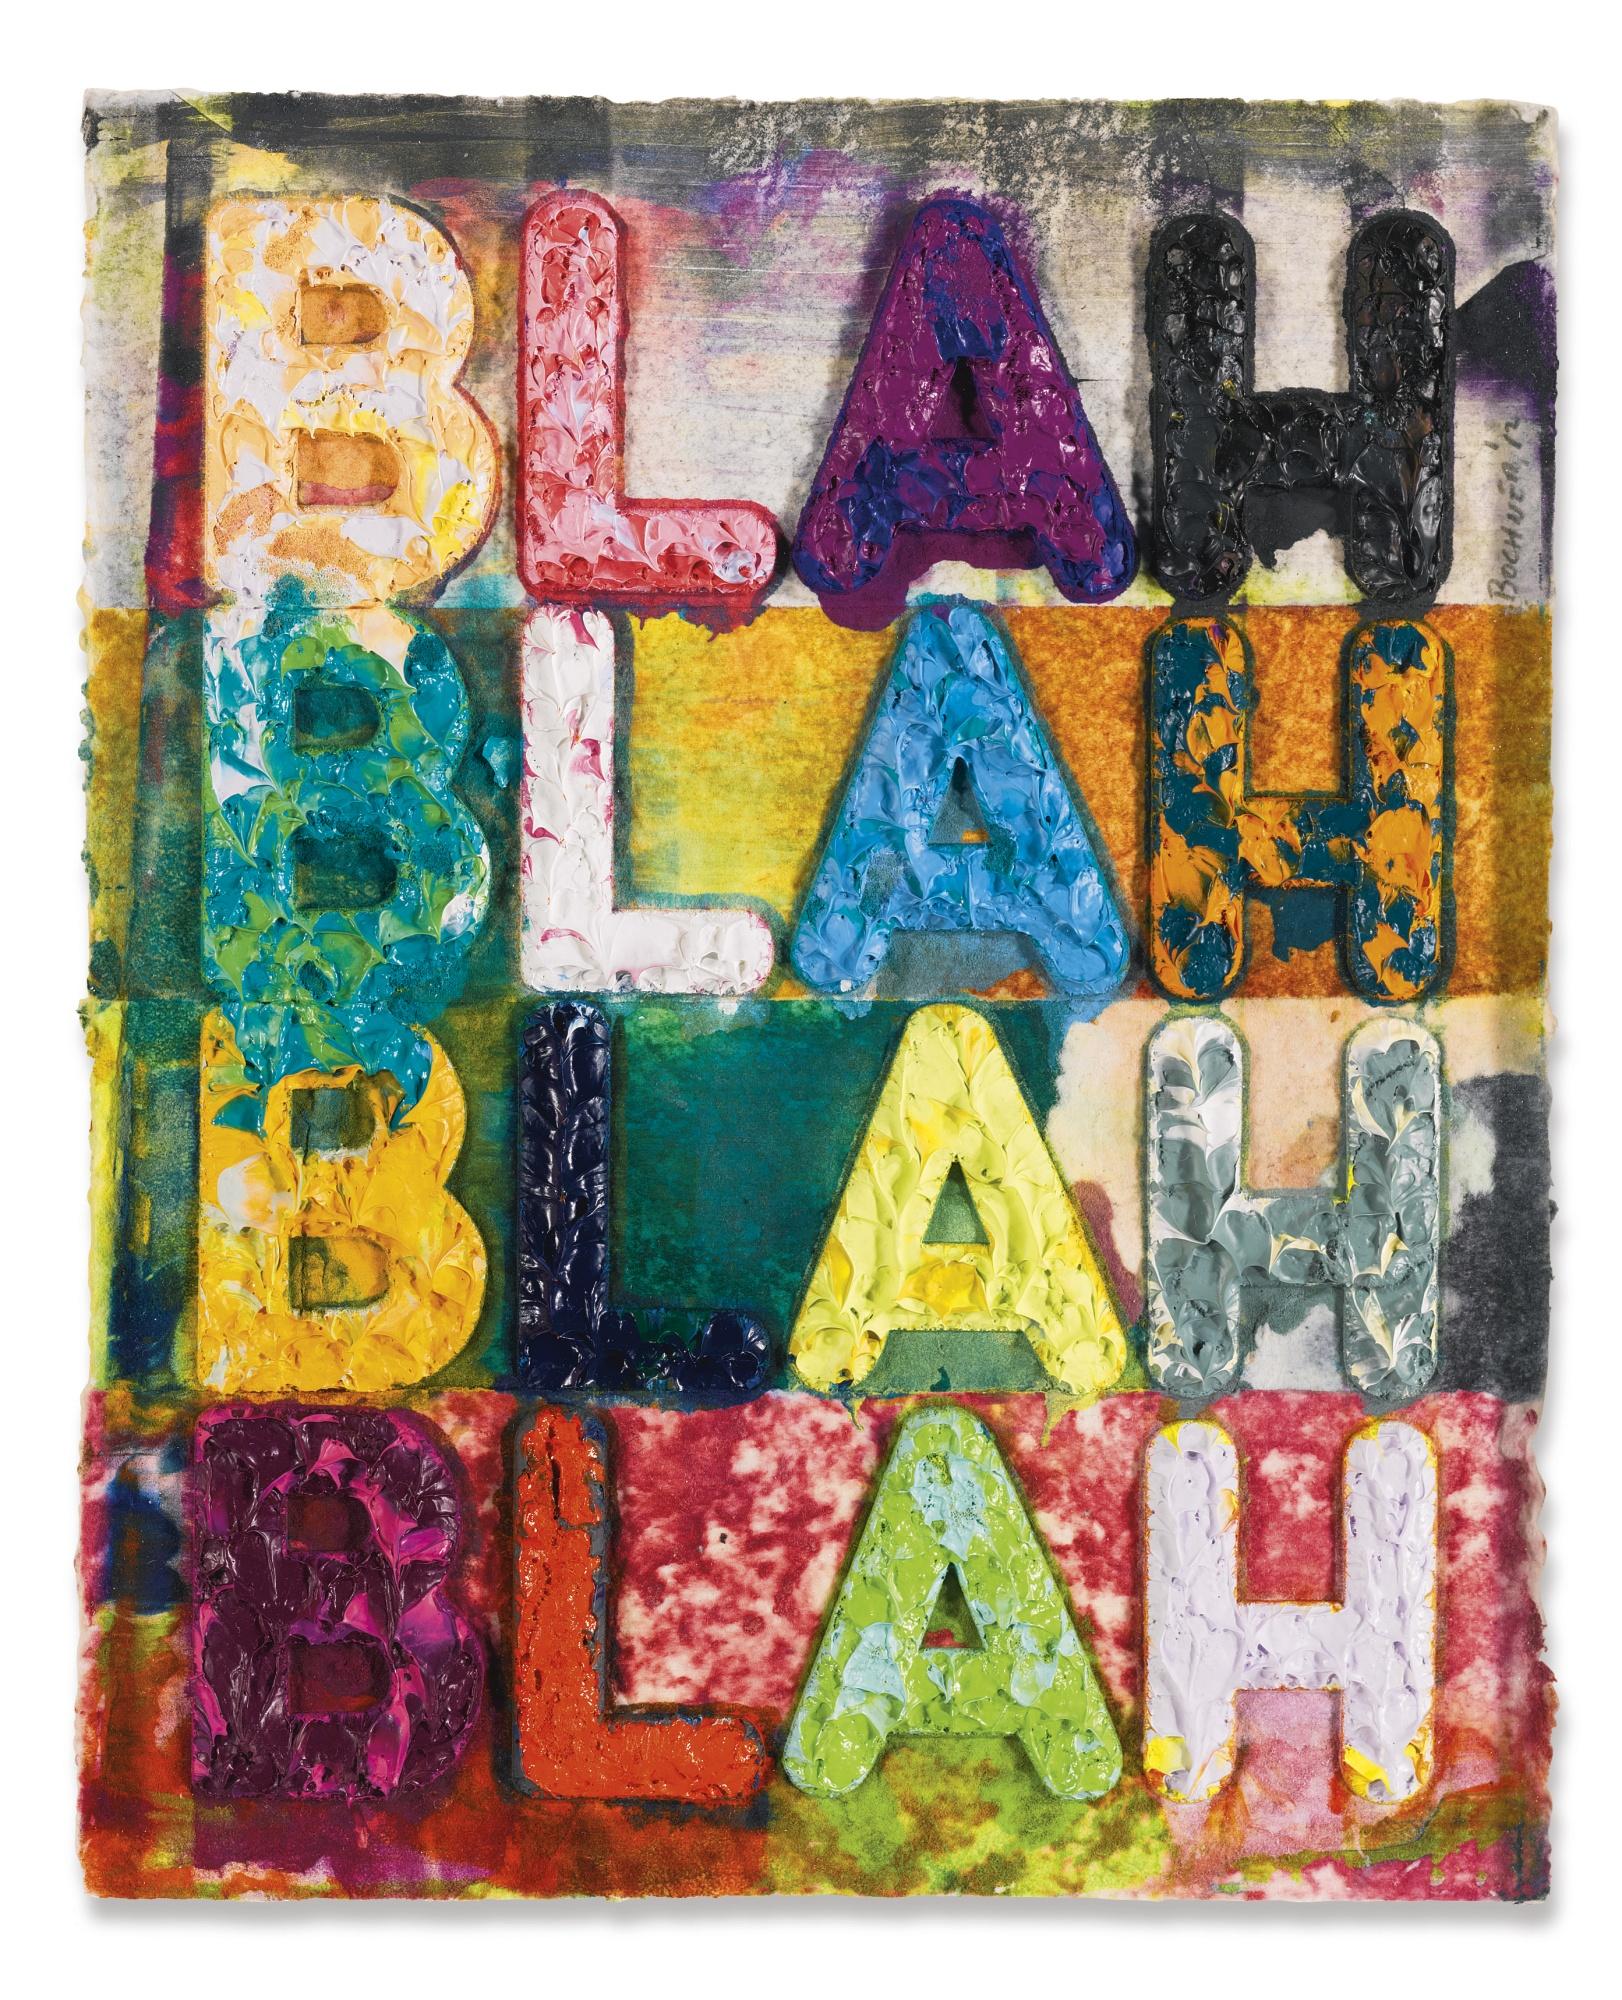 Mel Bochner-Blah Blah Blah-2012